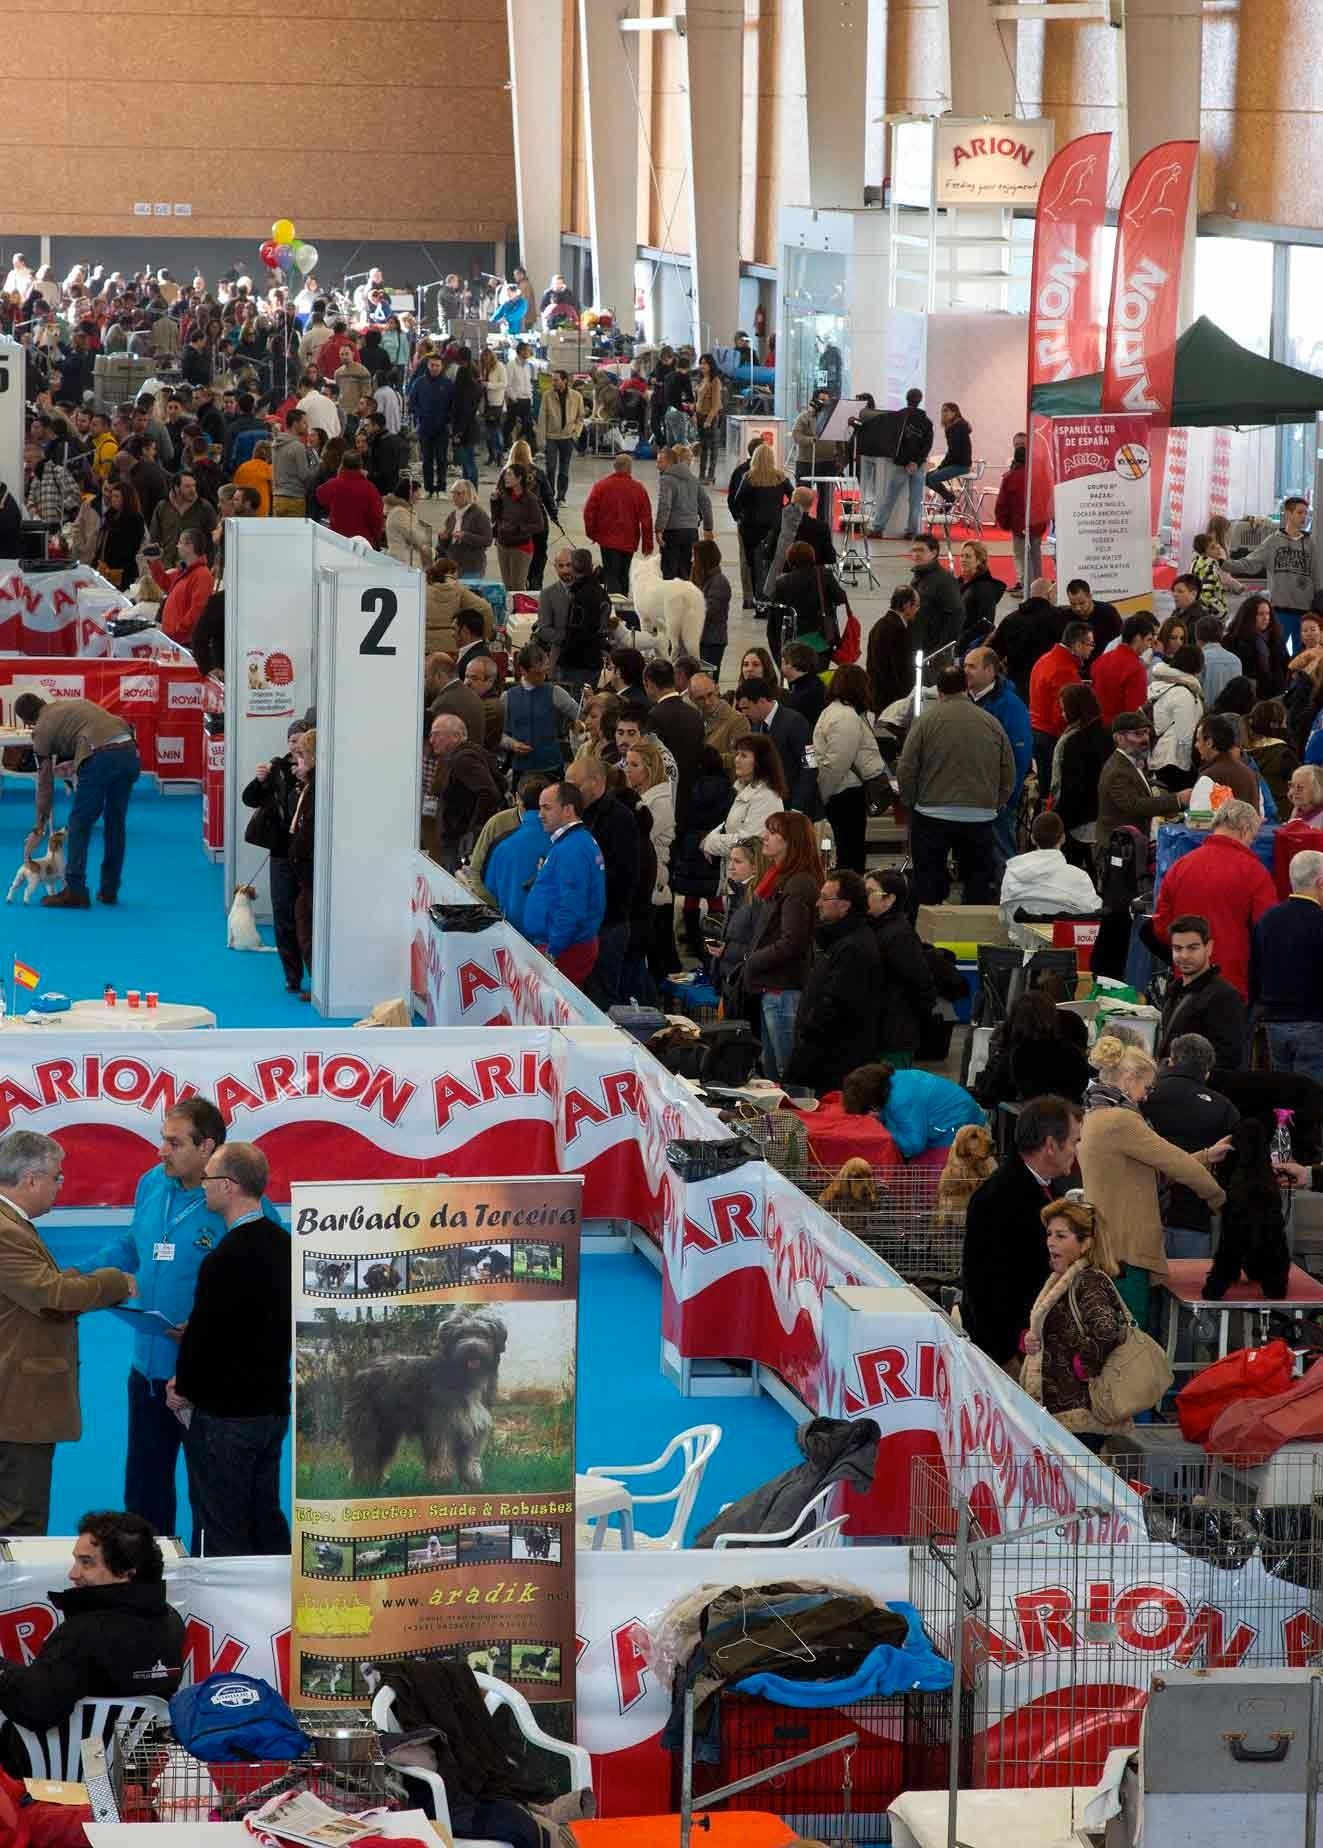 Expo Canina Talavera 2. #Talavera #Exposicion #Canina